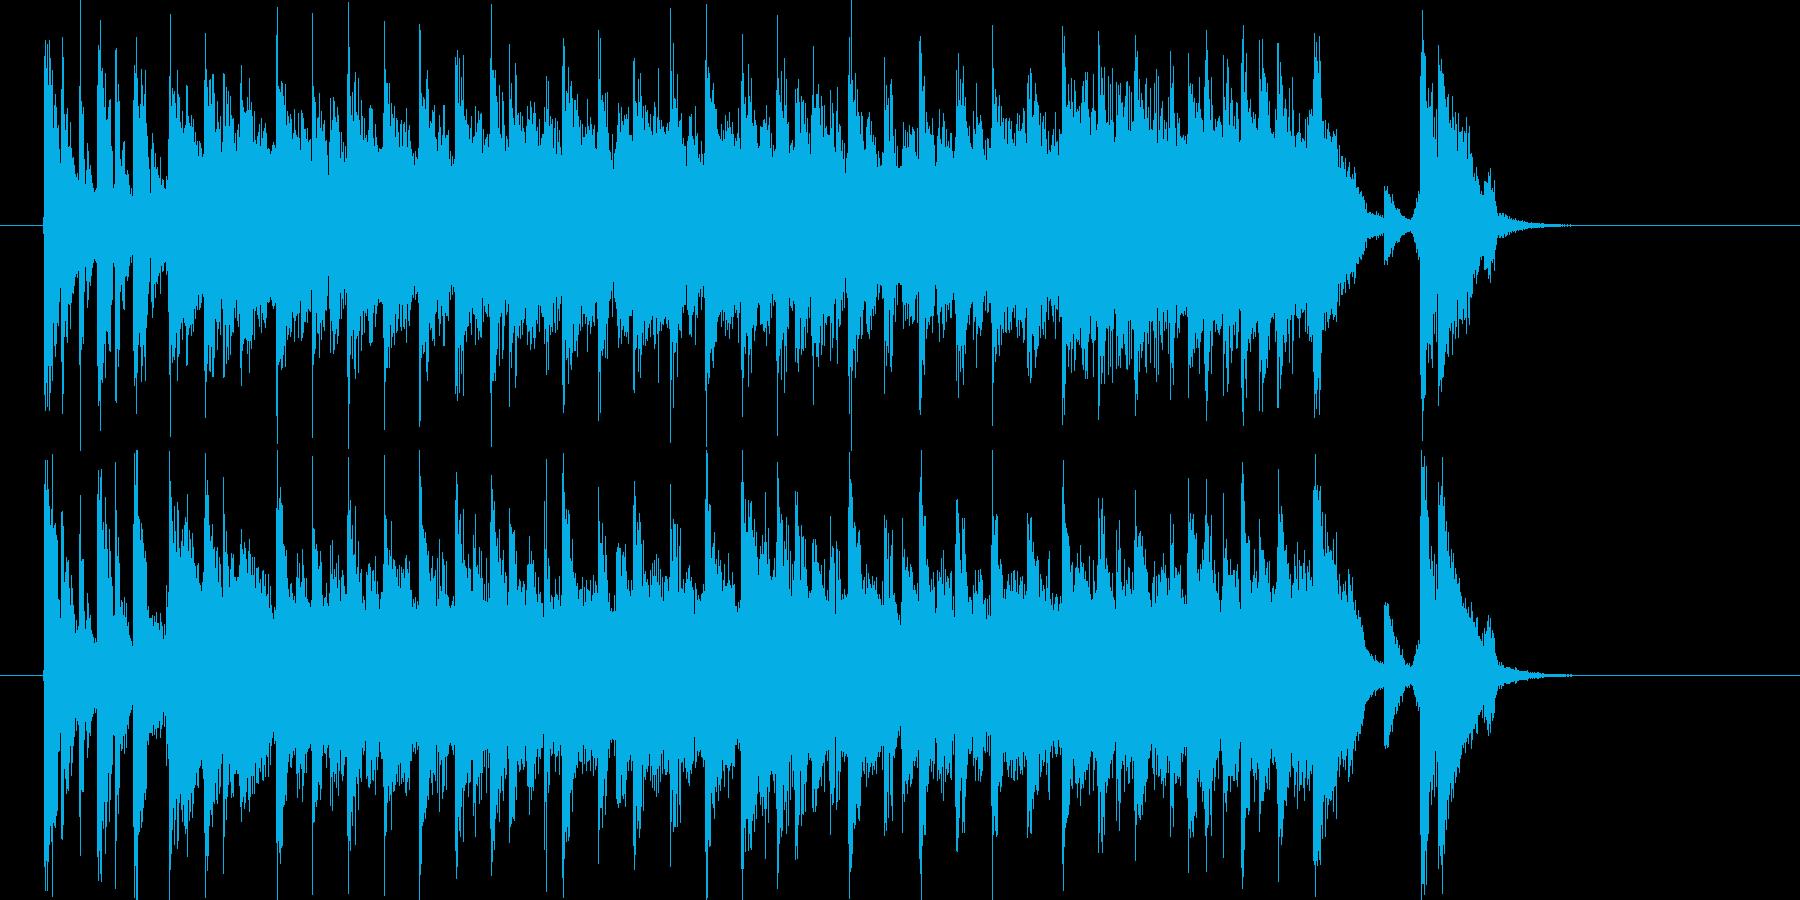 スポーツをイメージさせる短い吹奏楽の再生済みの波形